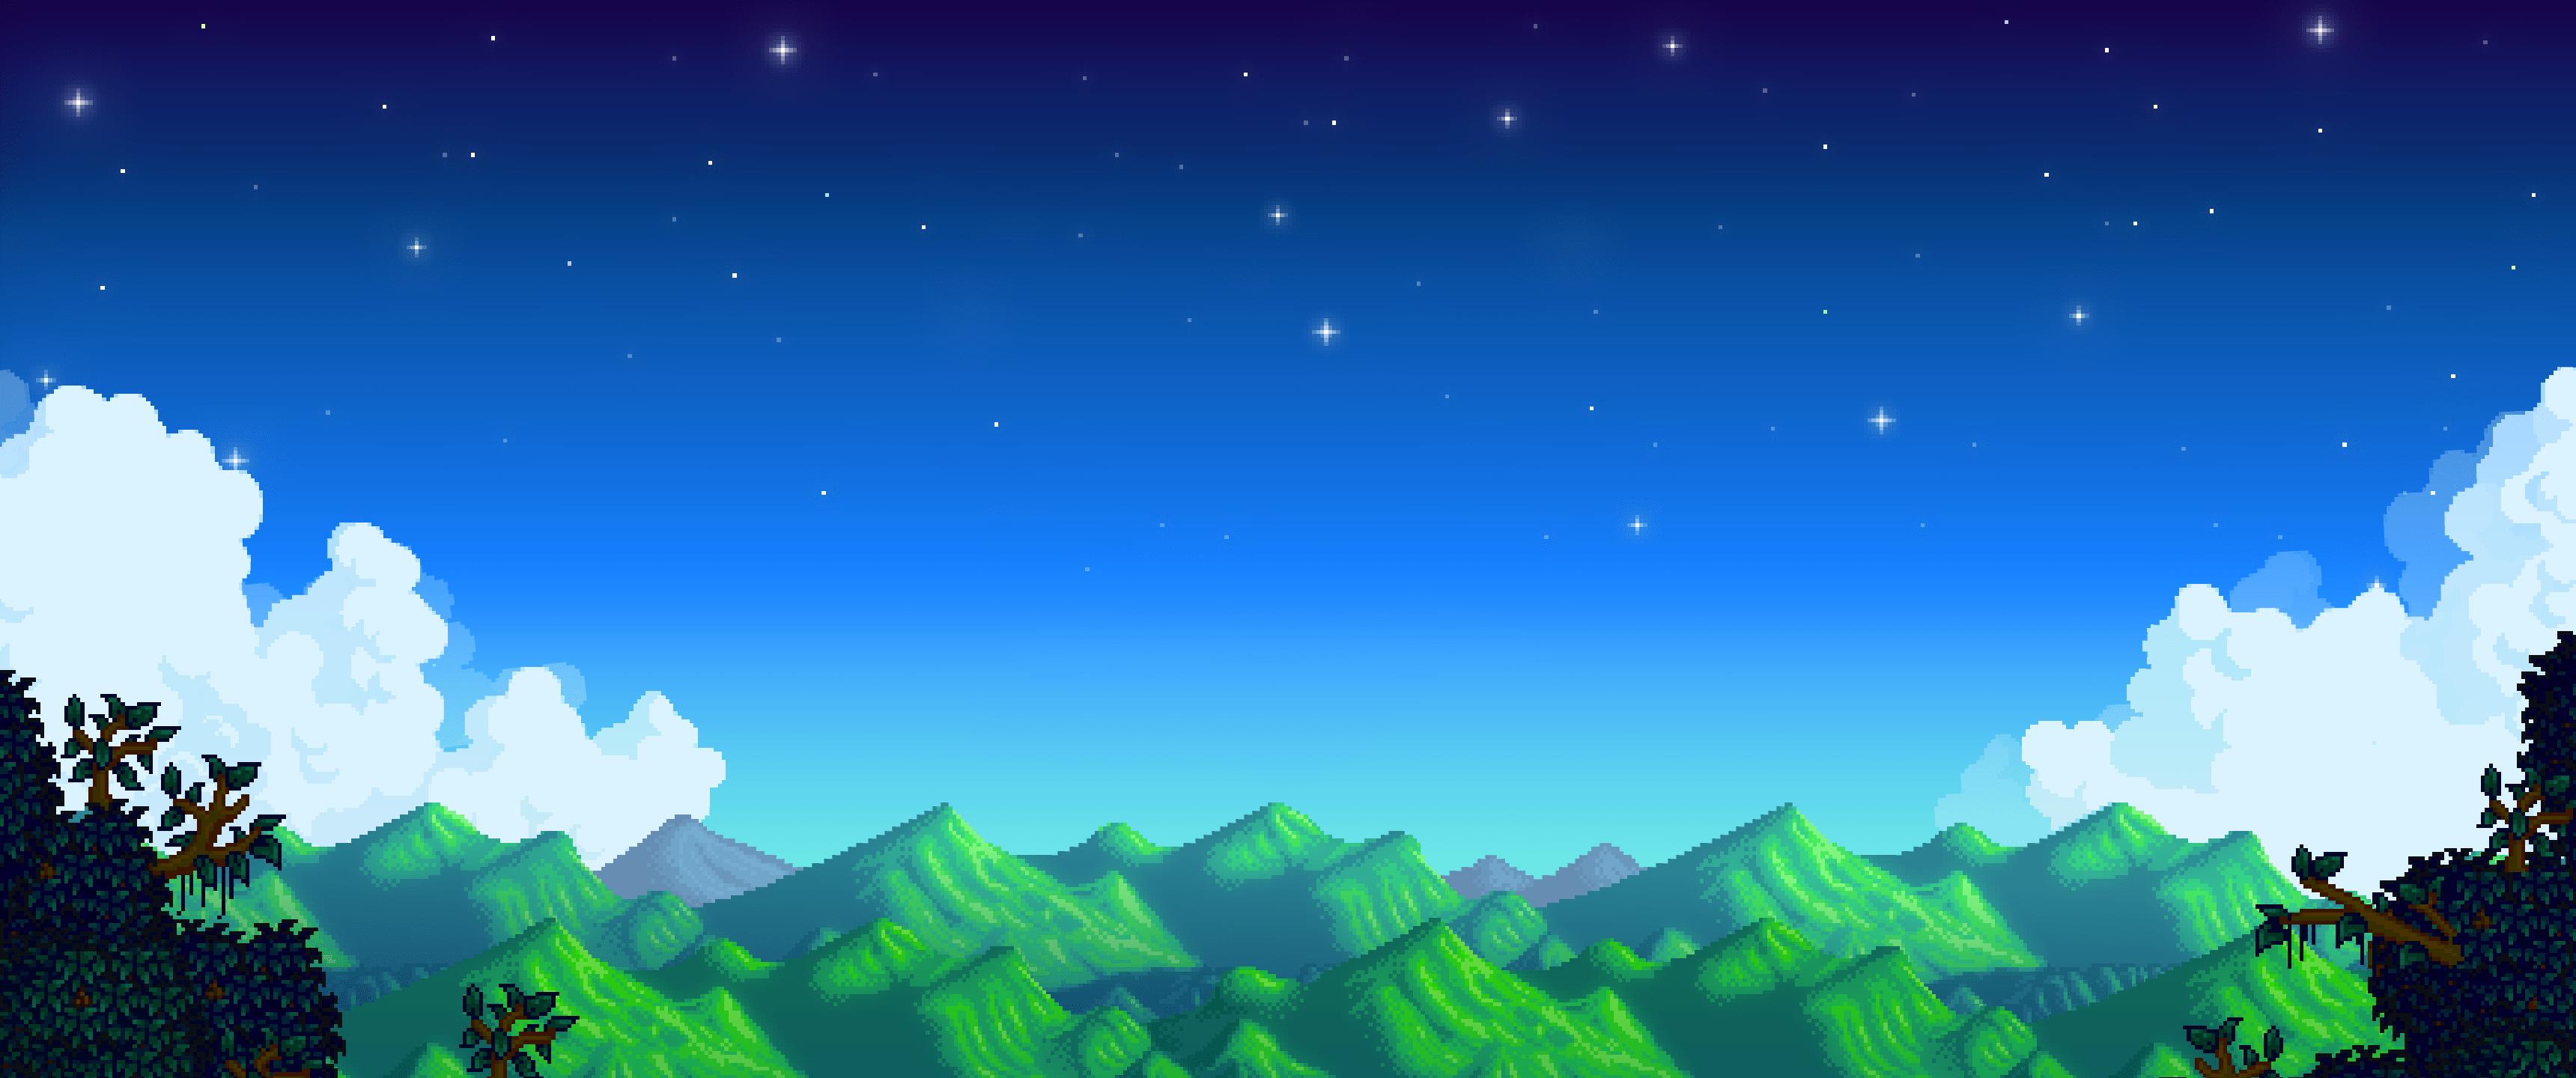 Stardew Wallpapers - Top Free Stardew Backgrounds ...